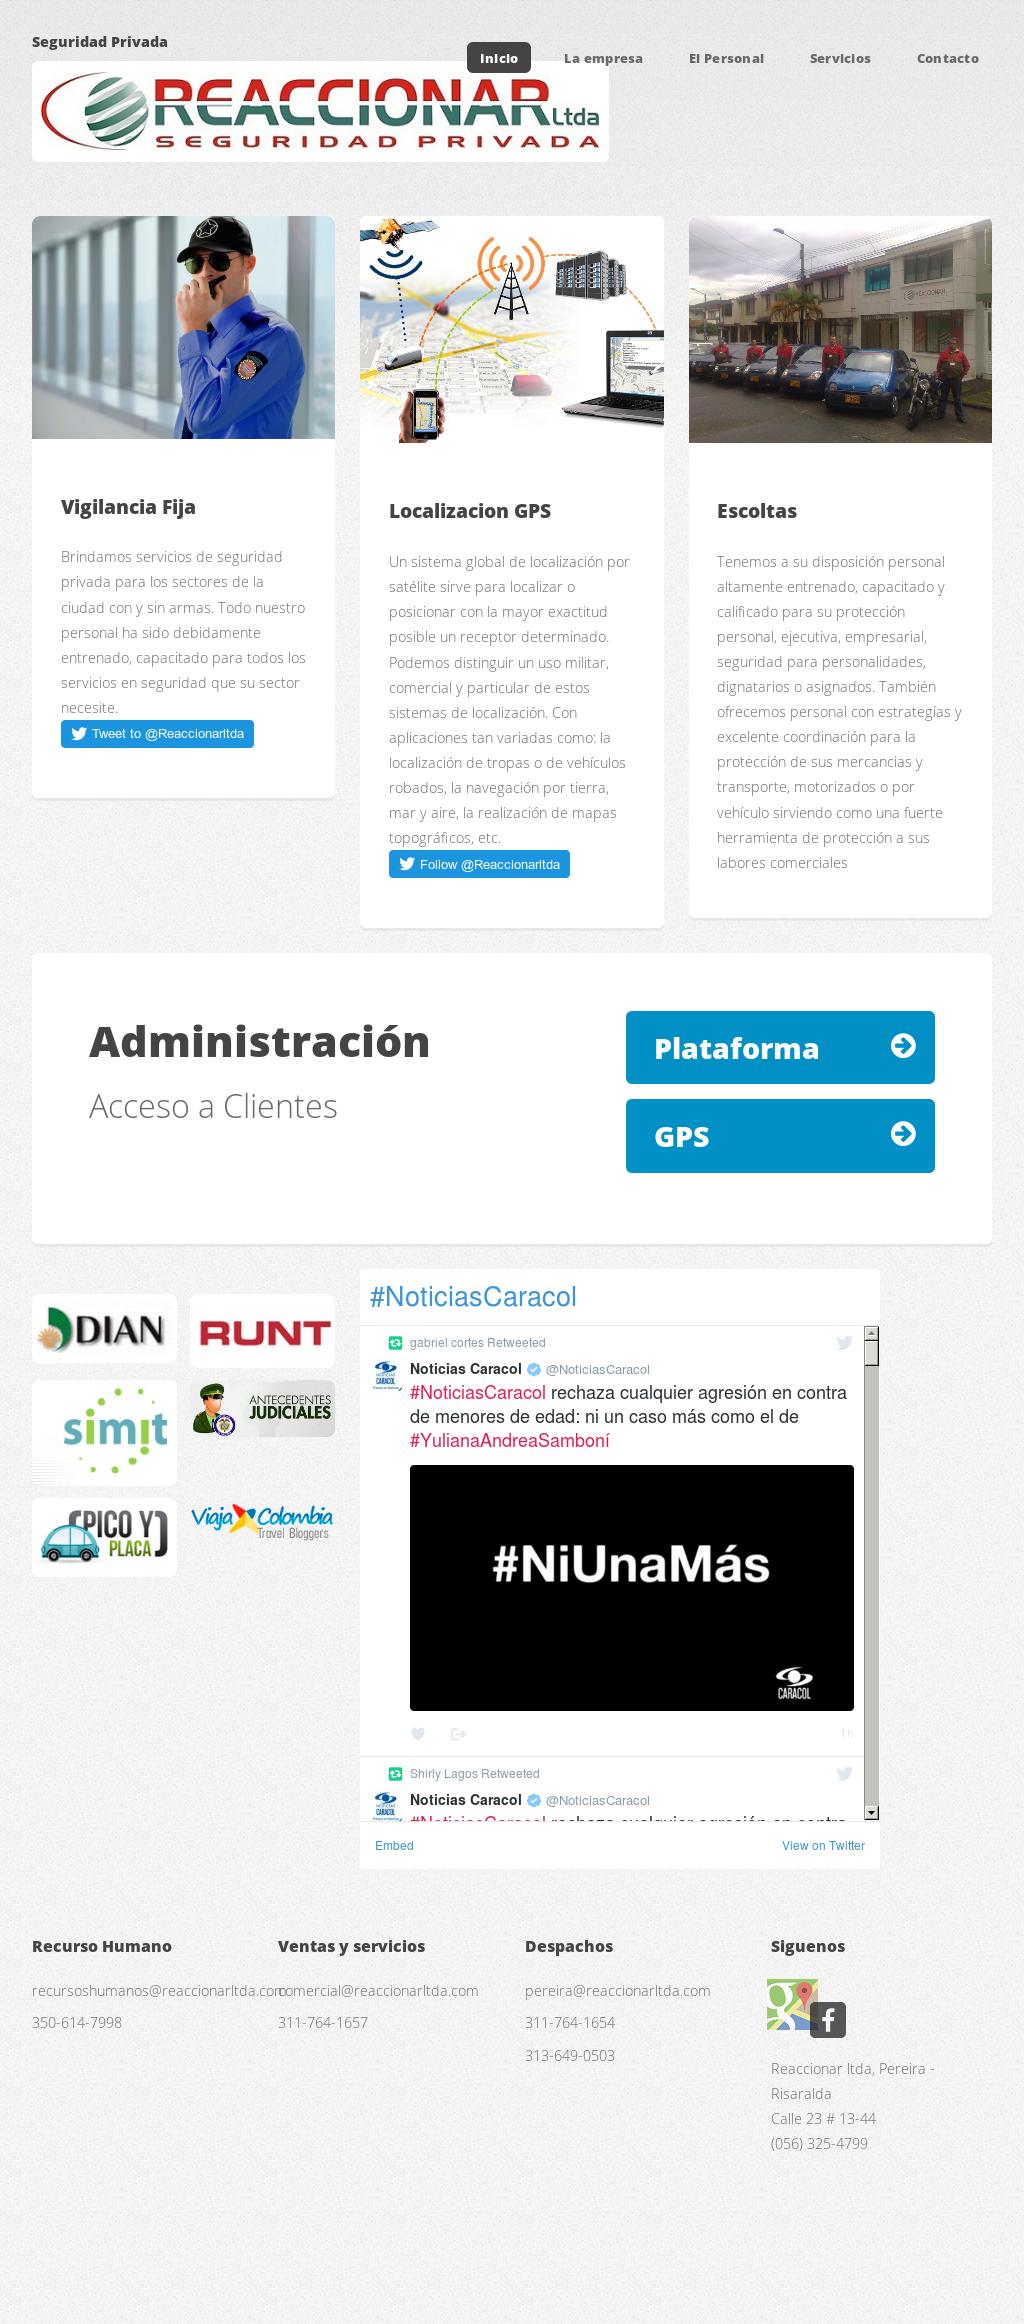 Antecedentes judiciales colombia online dating